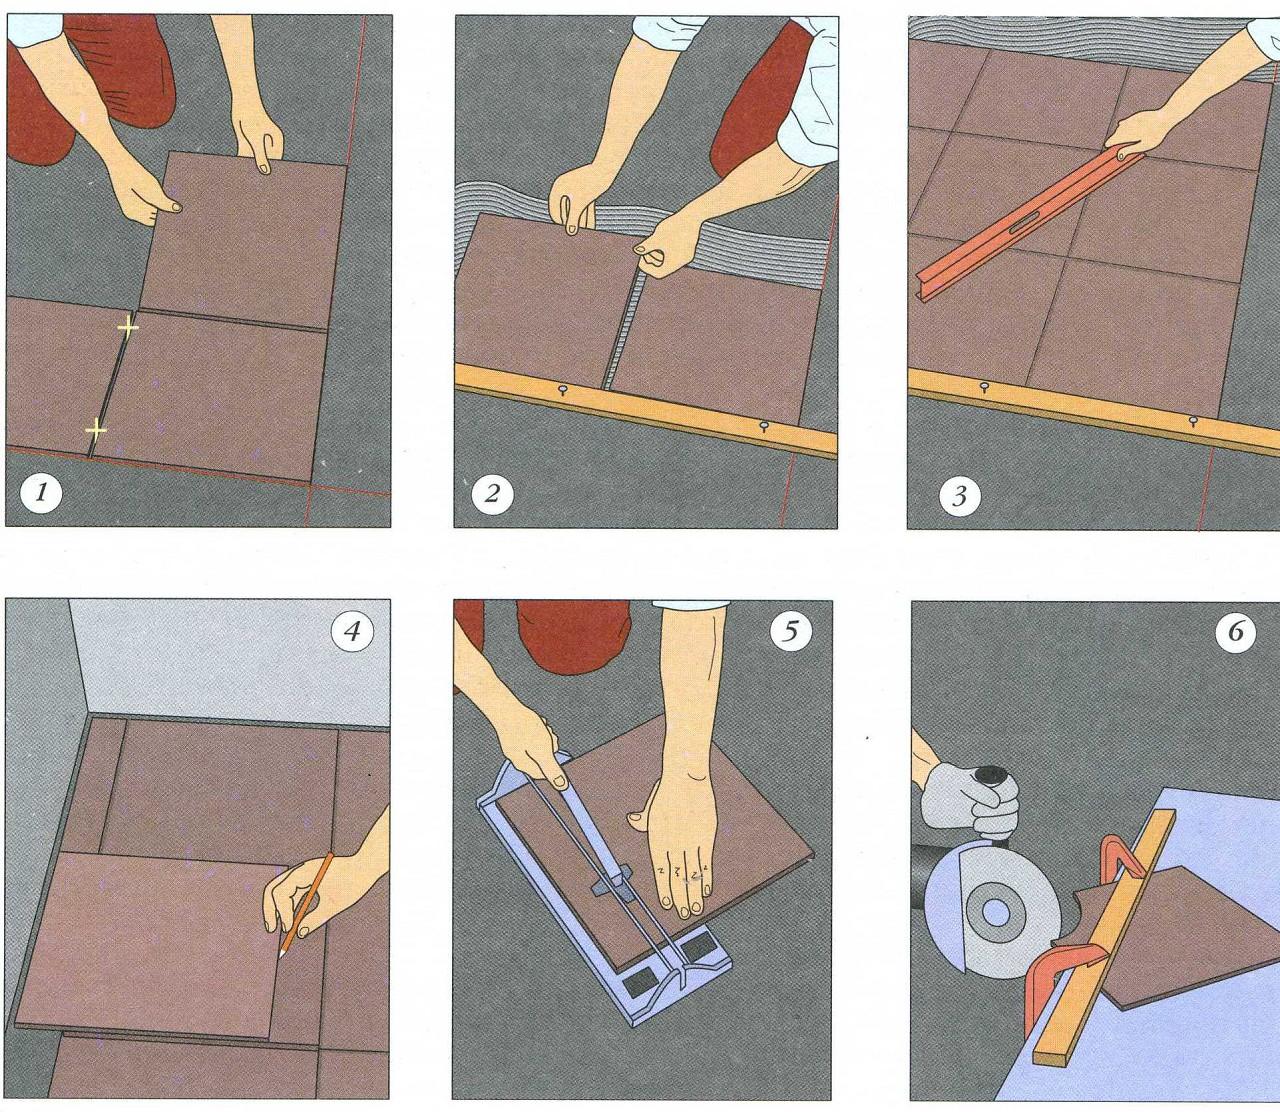 Укладка напольной плитки пошаговая инструкция